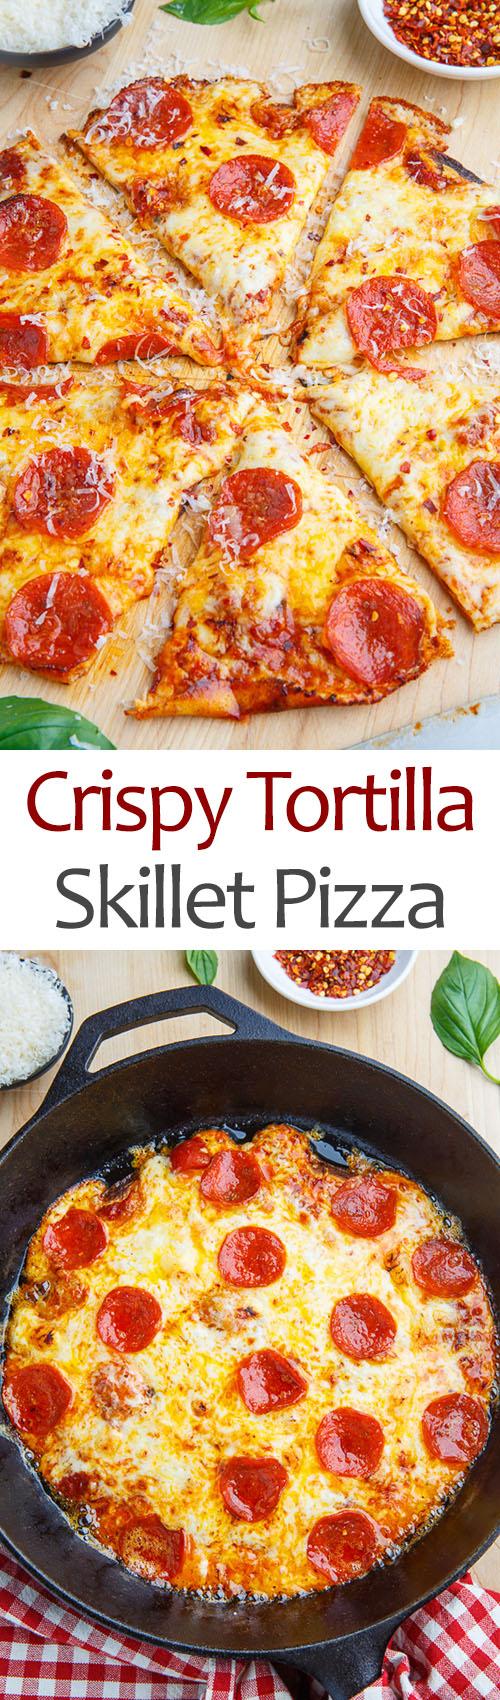 Crispy Tortilla Skillet Pizza